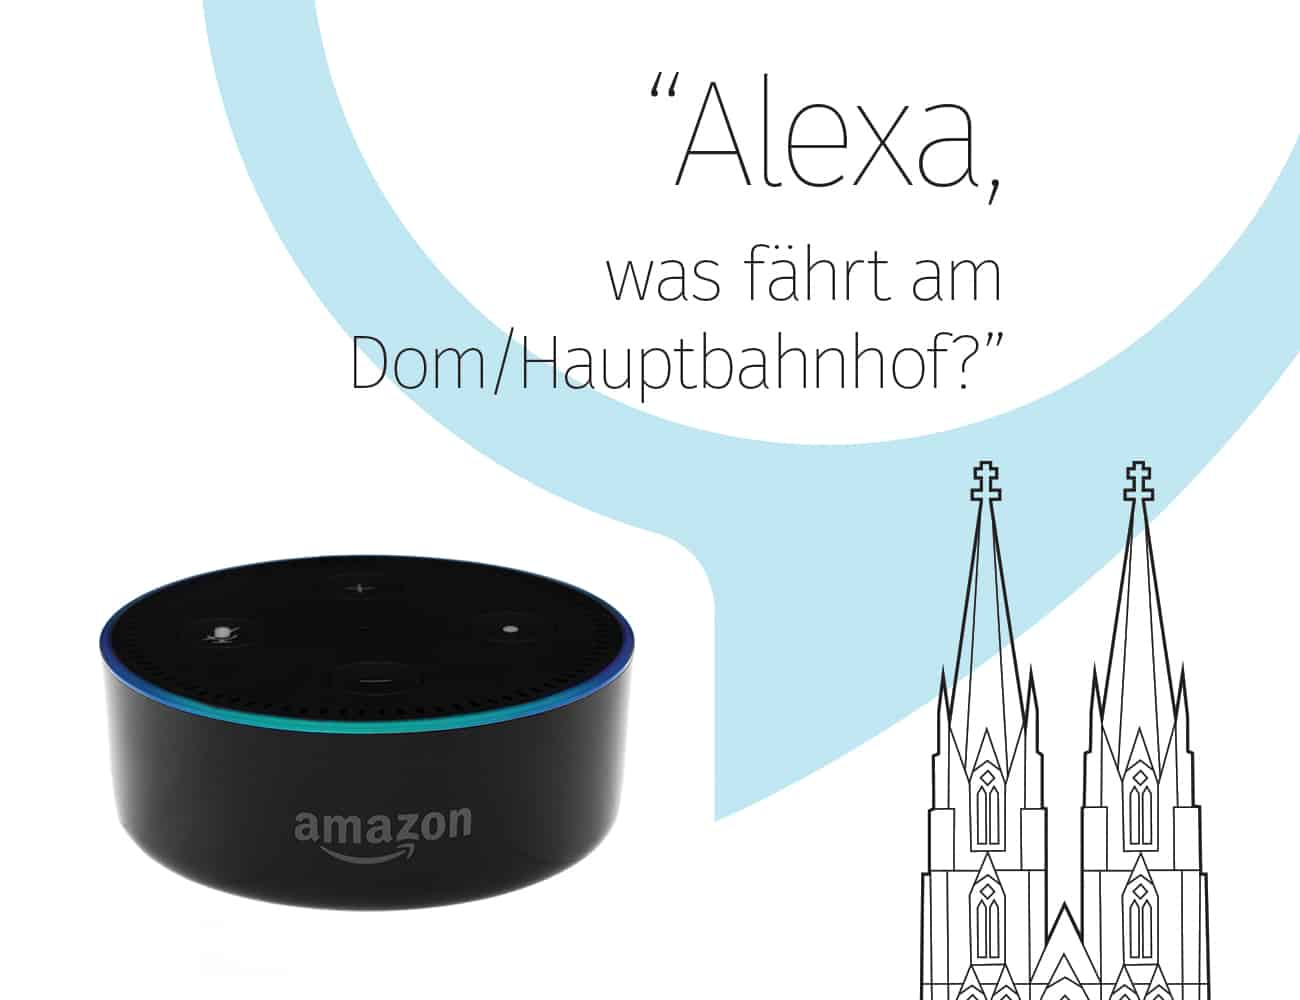 Kölner App-Spezialisten bringen ersten hauseigenen Skill für Amazon Voice Service auf den Markt Echtzeitinformationen zu Abfahrten von Bussen und Bahnen in Köln per Spracheingabe